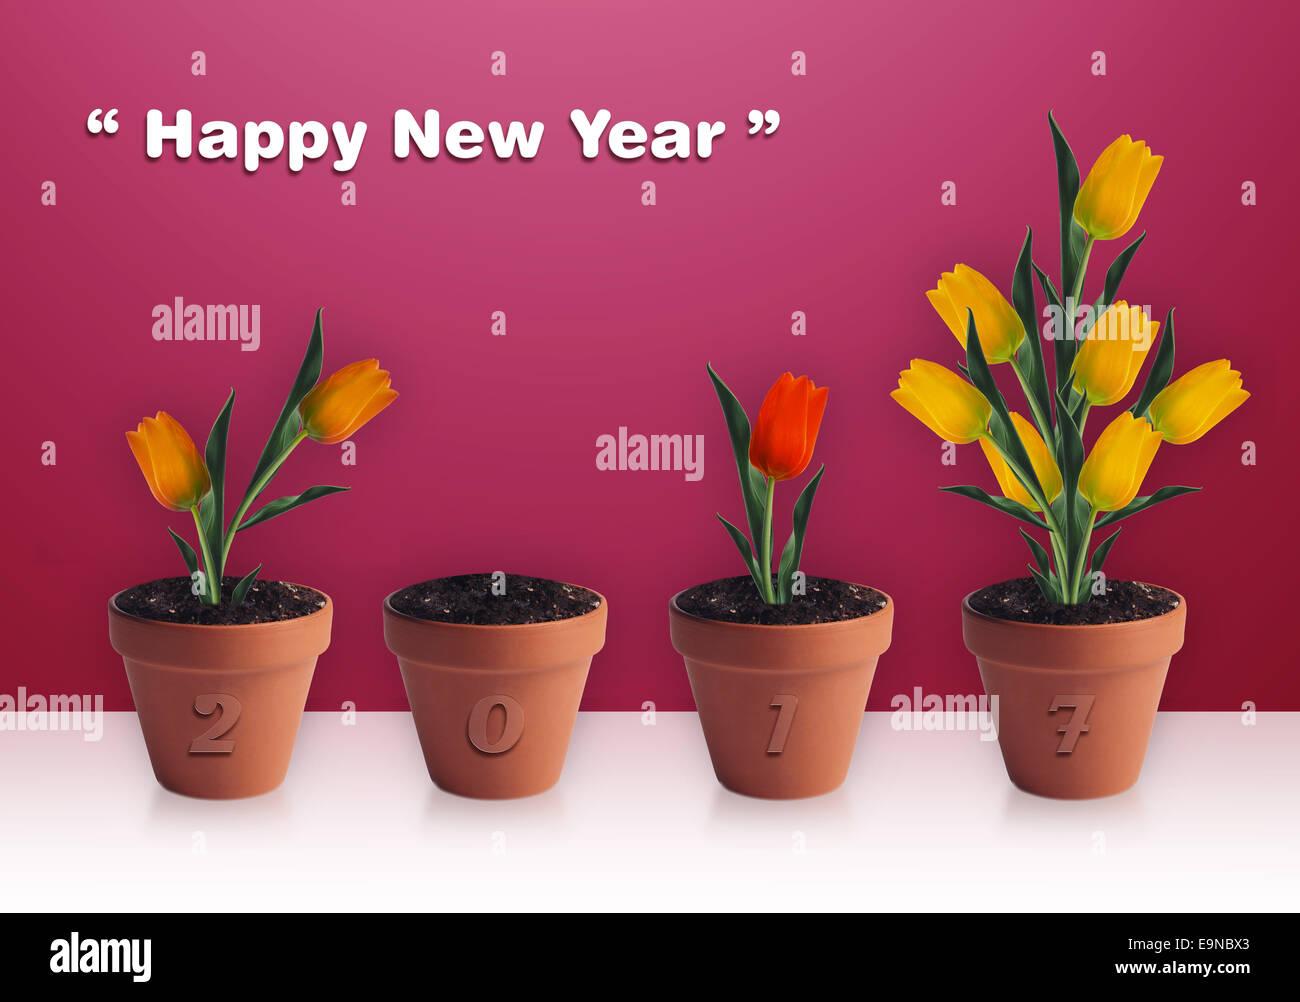 Felice Anno Nuovo Immagini Stock